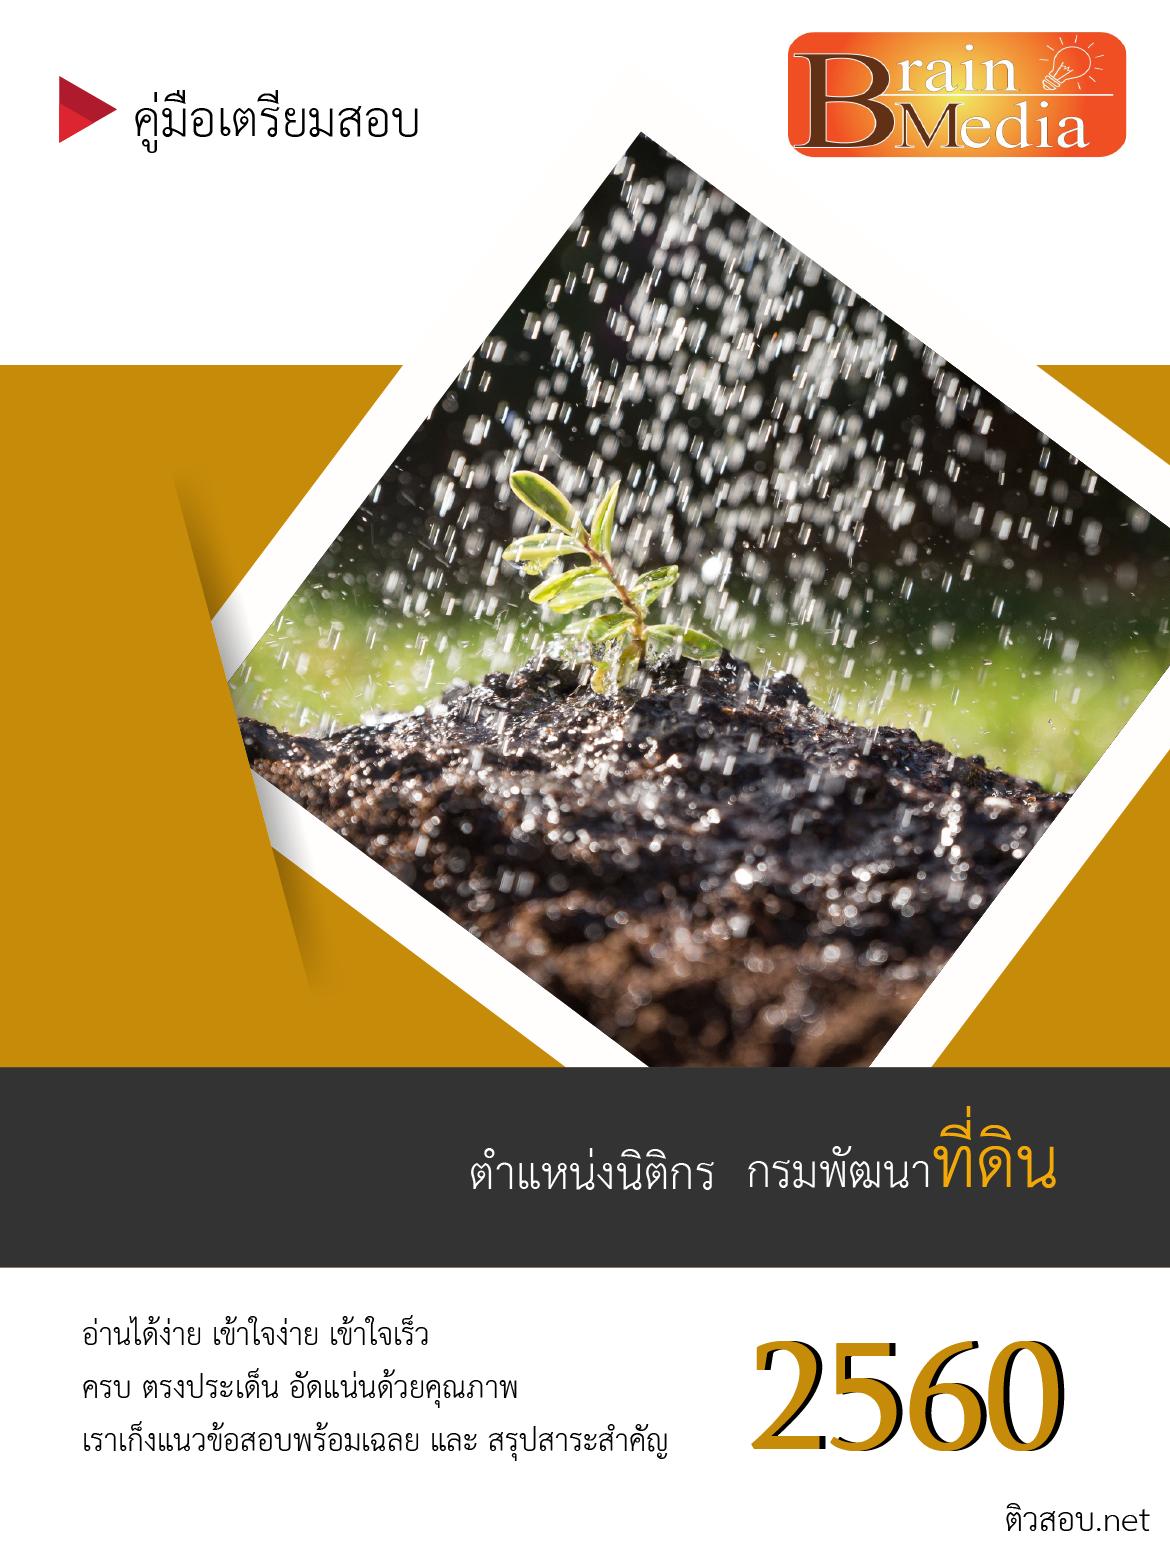 เฉลยแนวข้อสอบ นิติกร กรมพัฒนาที่ดิน